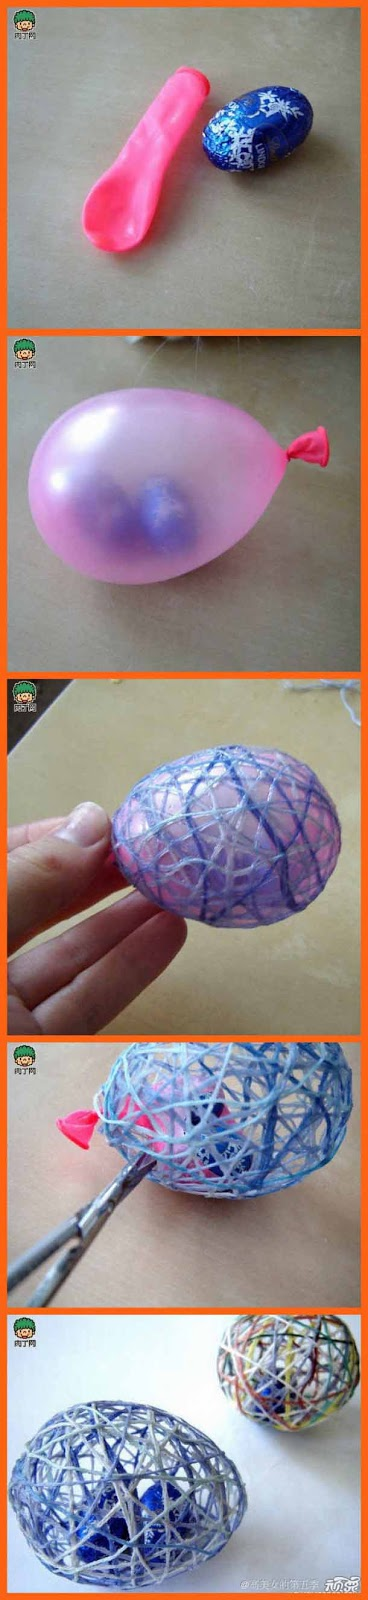 Ostergeschenke lustig verpacken - Prima Idee